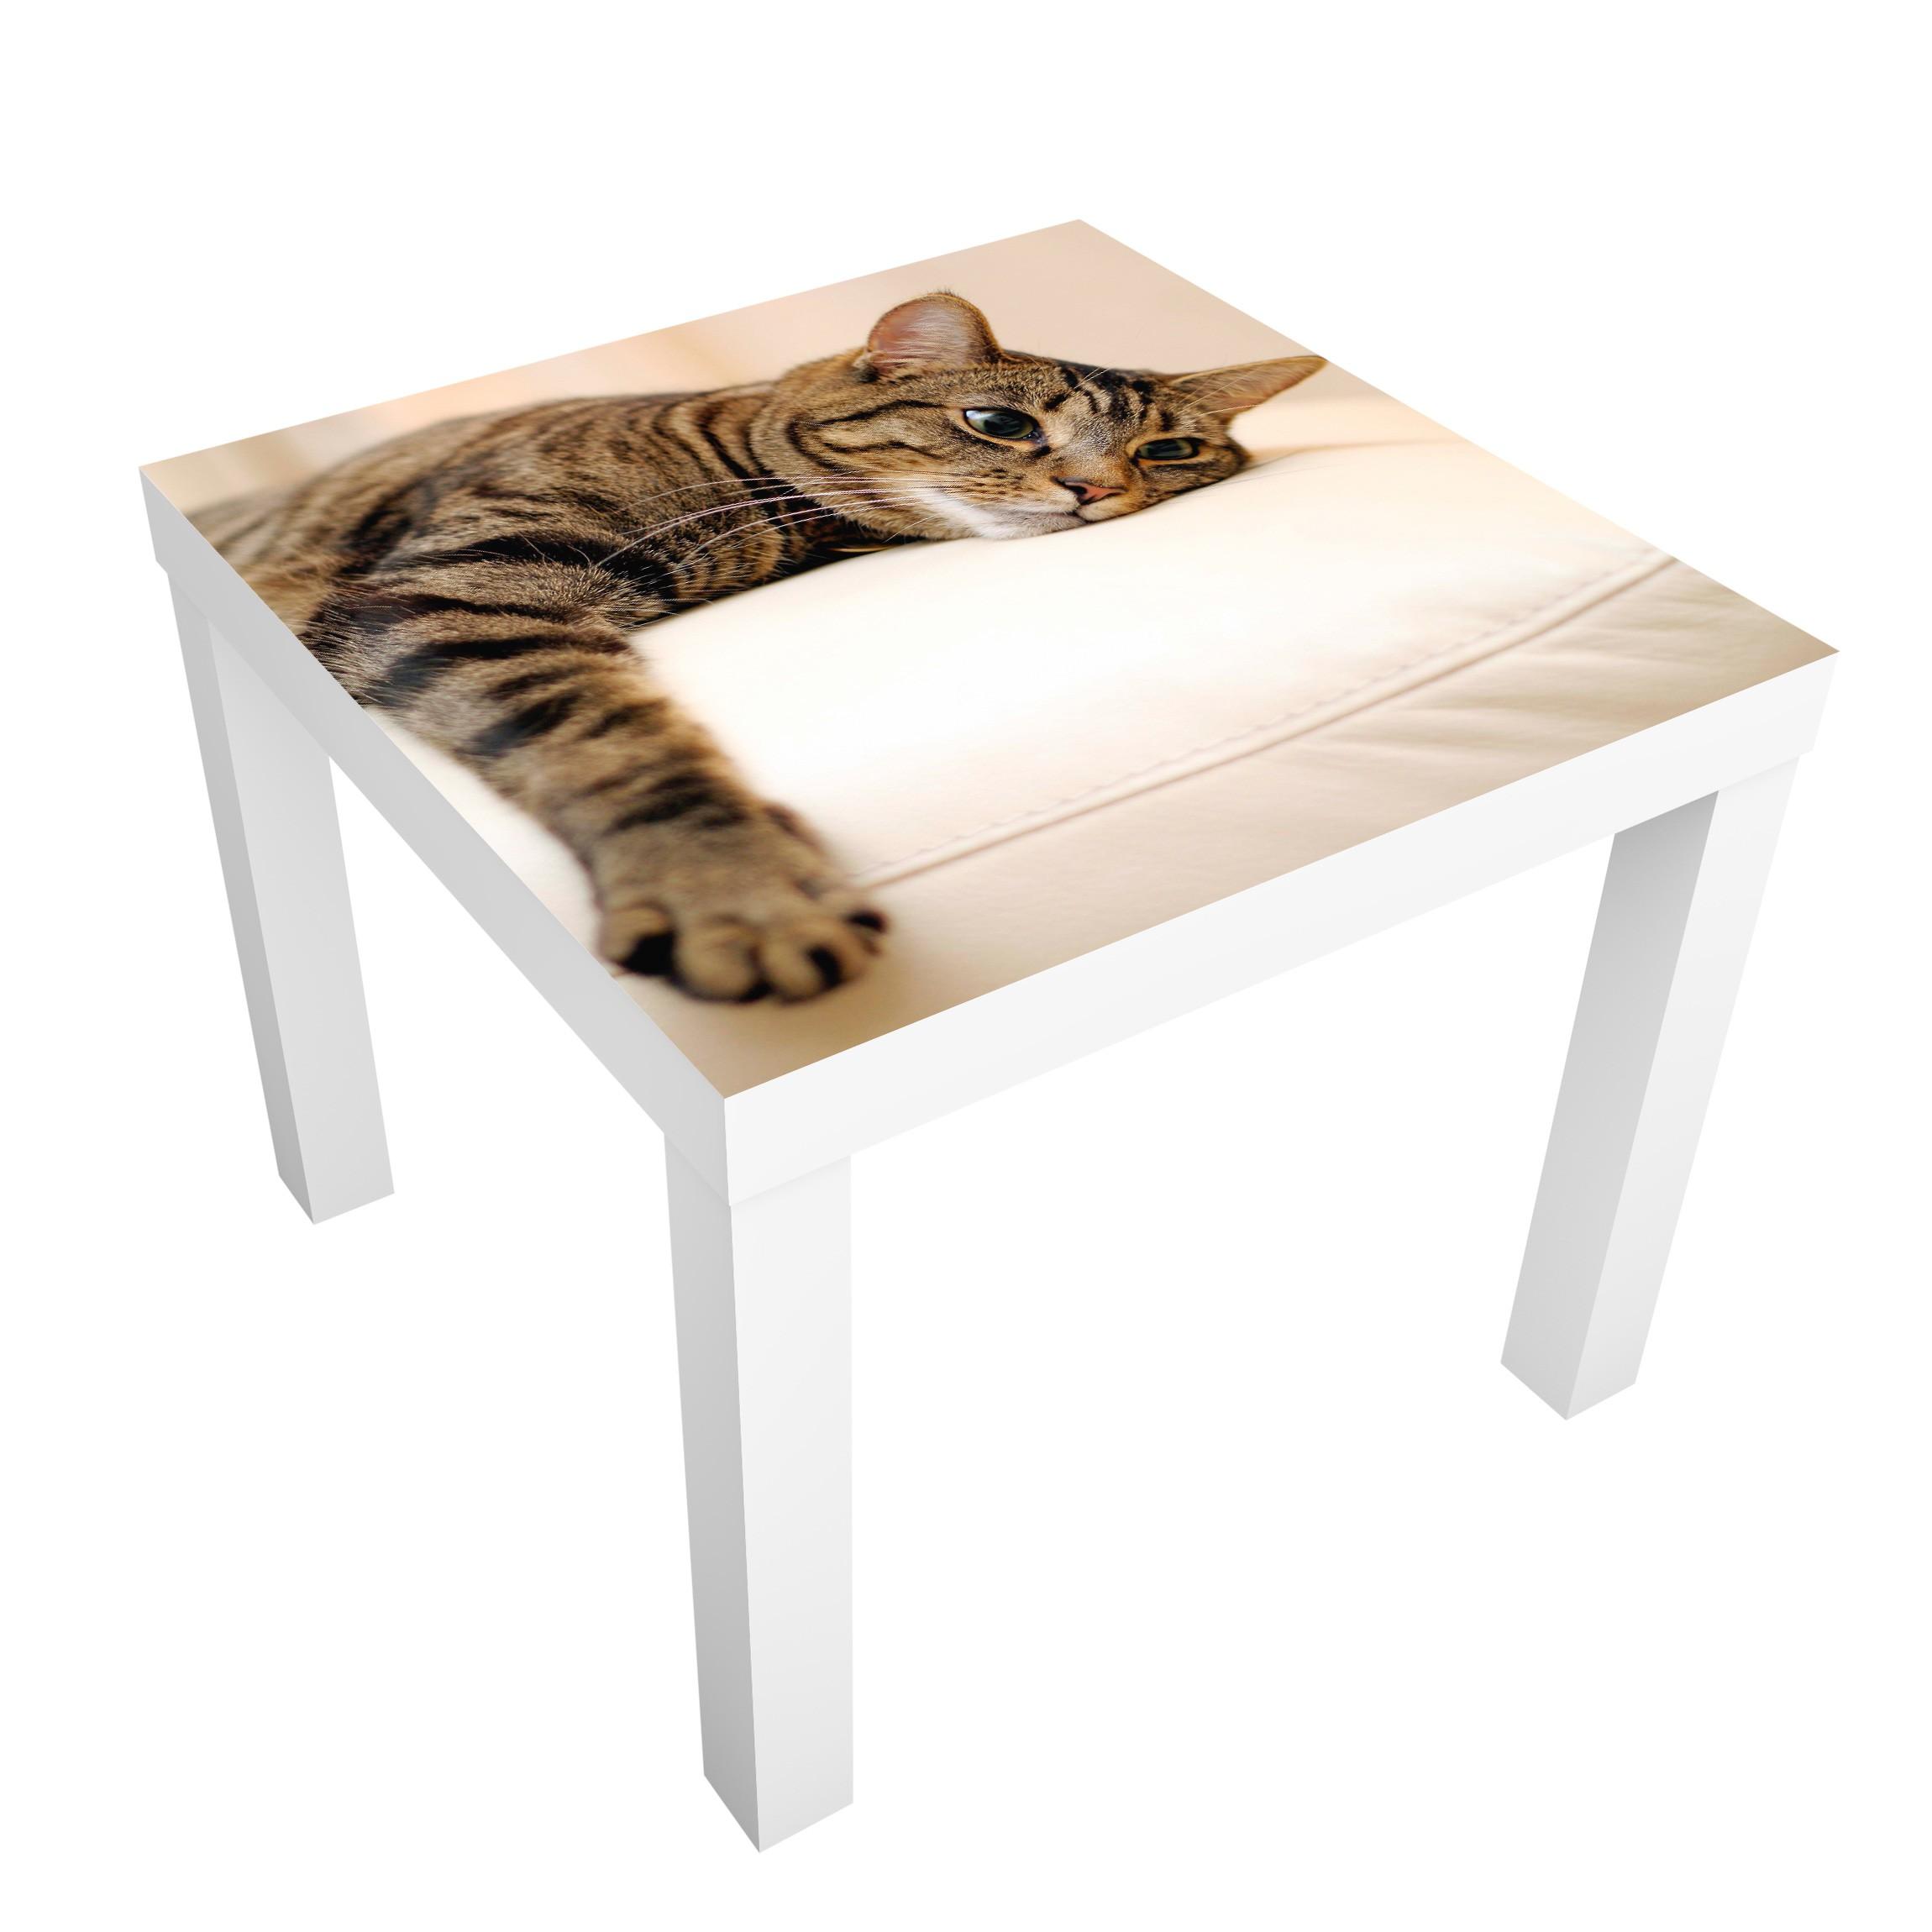 Carta adesiva per mobili ikea lack tavolino cat chill out - Pellicola adesiva per mobili ikea ...